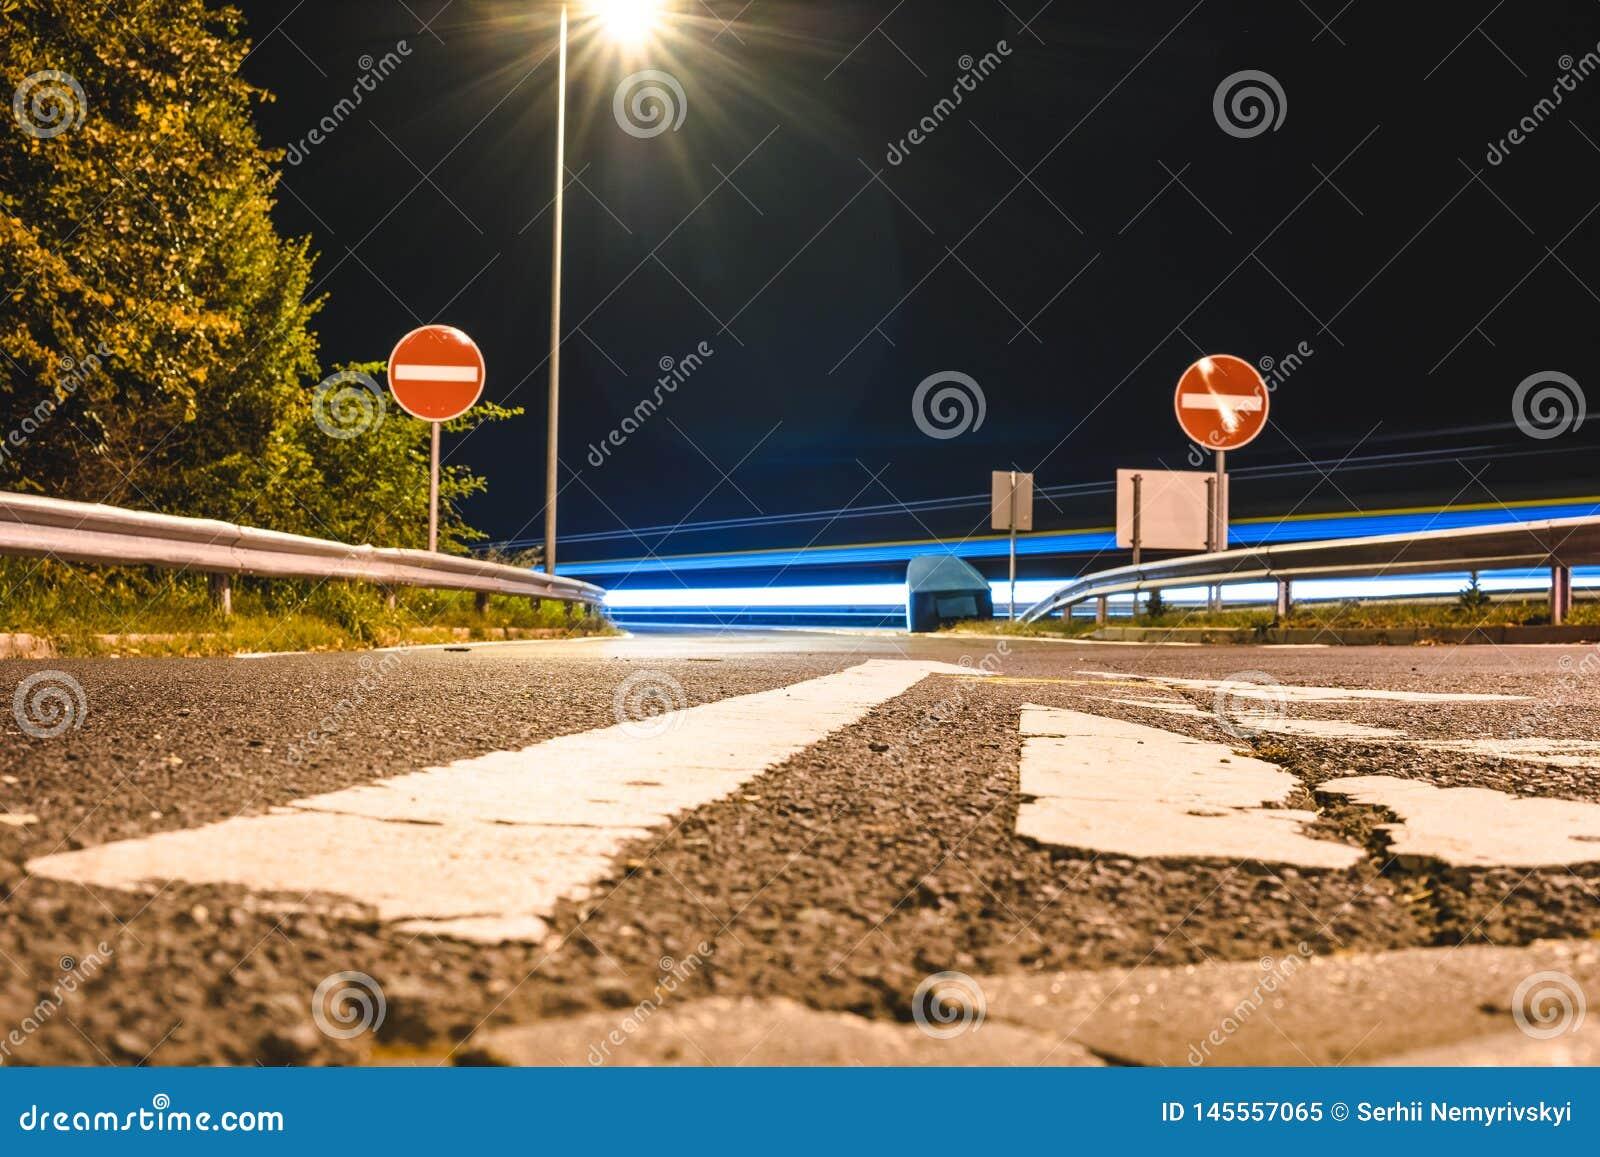 Strada vuota alla notte/strada chiusa ad oscurità